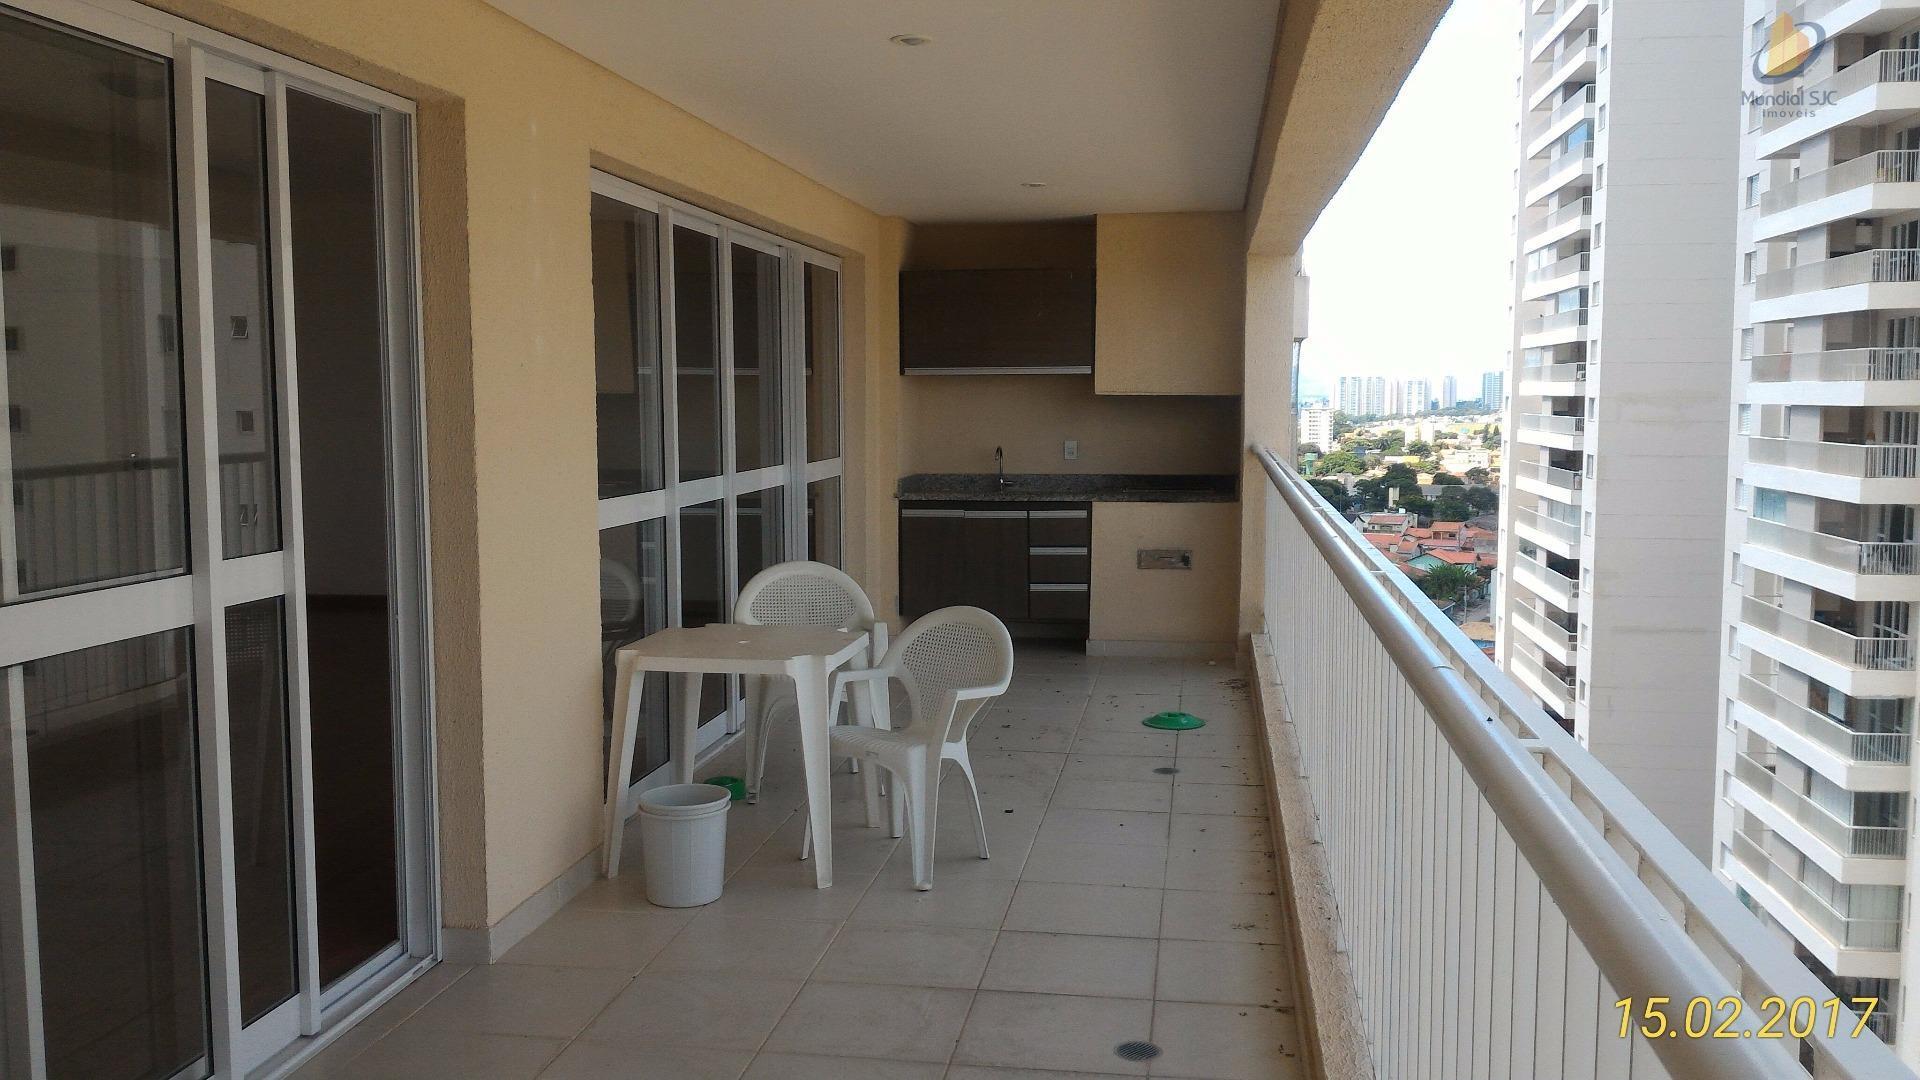 Imagens de #74644C  para locação Jardim das Indústrias São José dos Campos AP9592 1920x1080 px 2108 Box De Vidro Para Banheiro Sao Jose Dos Campos